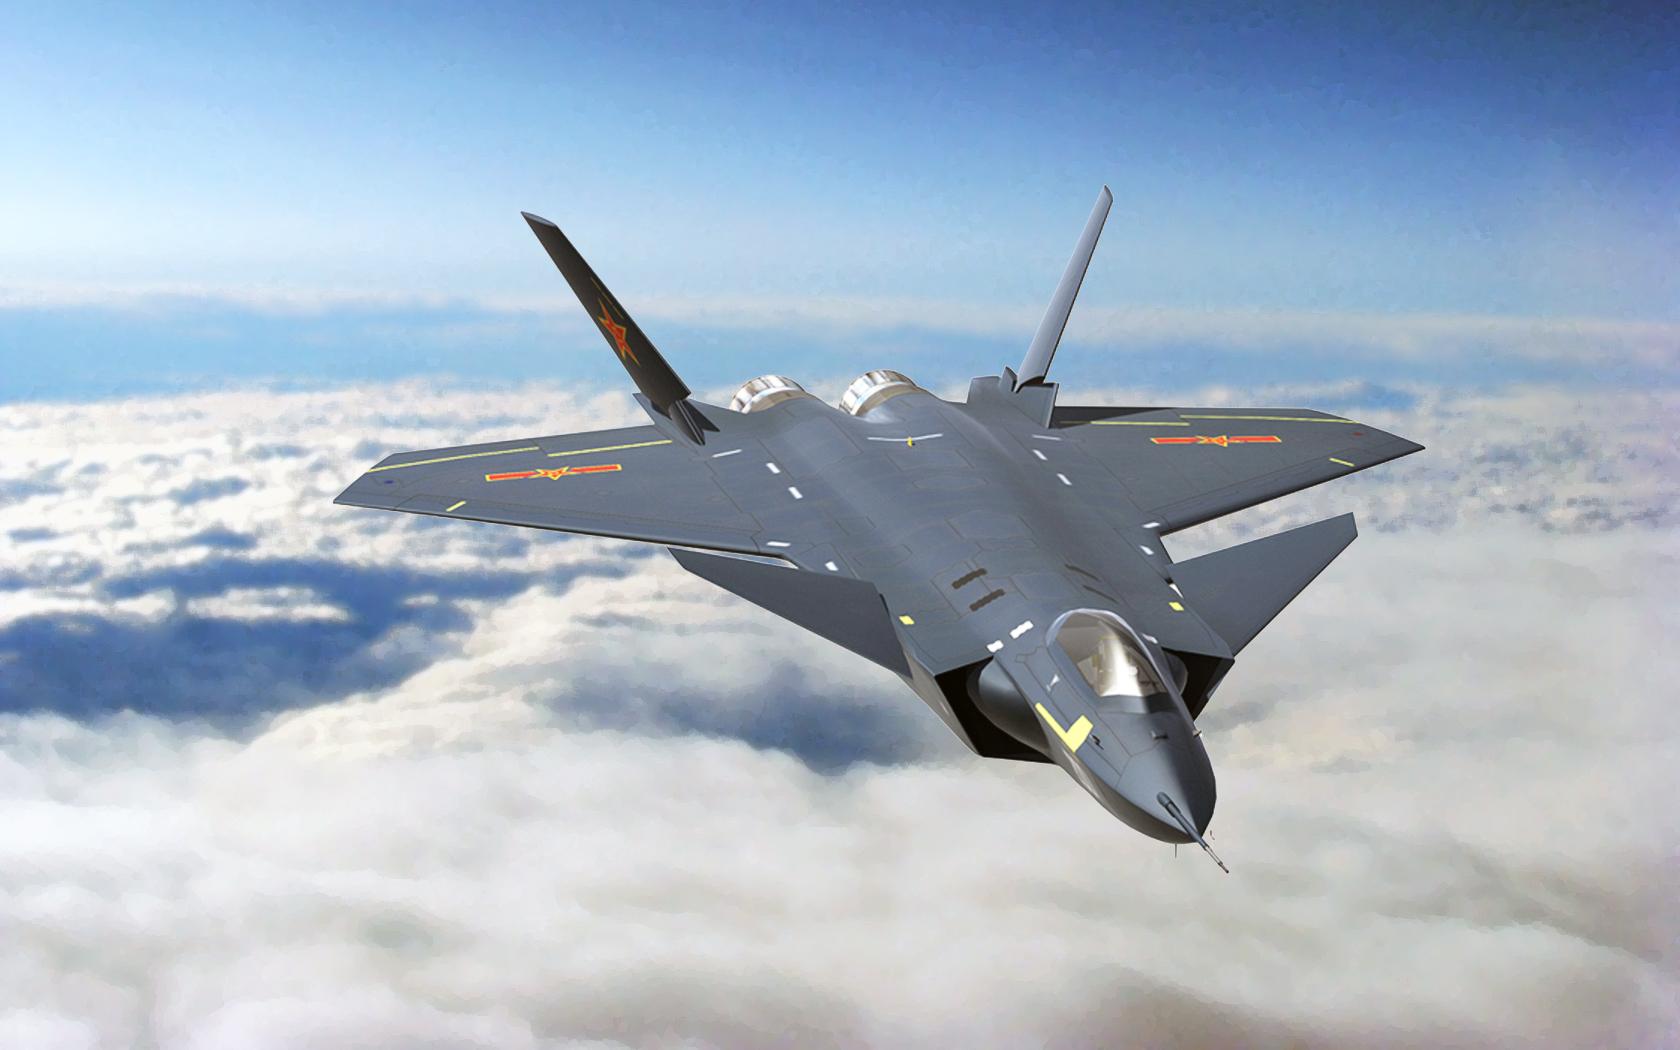 Svezia: strage sfiorata per rischio collisione tra caccia militare russo e aereo di linea